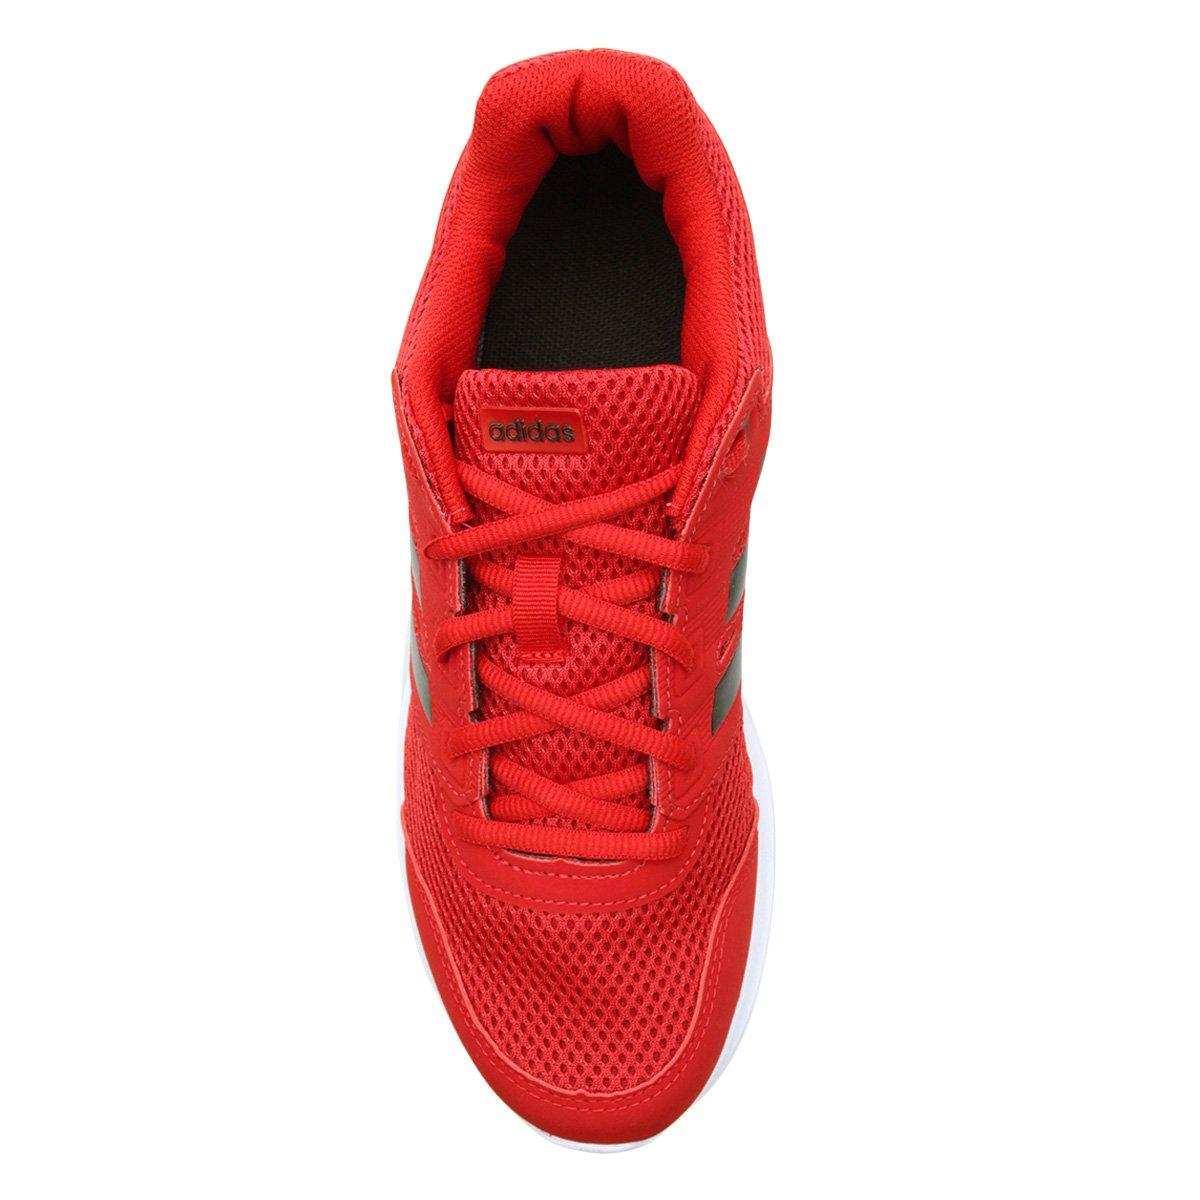 Tênis Adidas Duramo Lite 2 0 Masculino - Vermelho e Preto - Compre ... 0061cbc890632